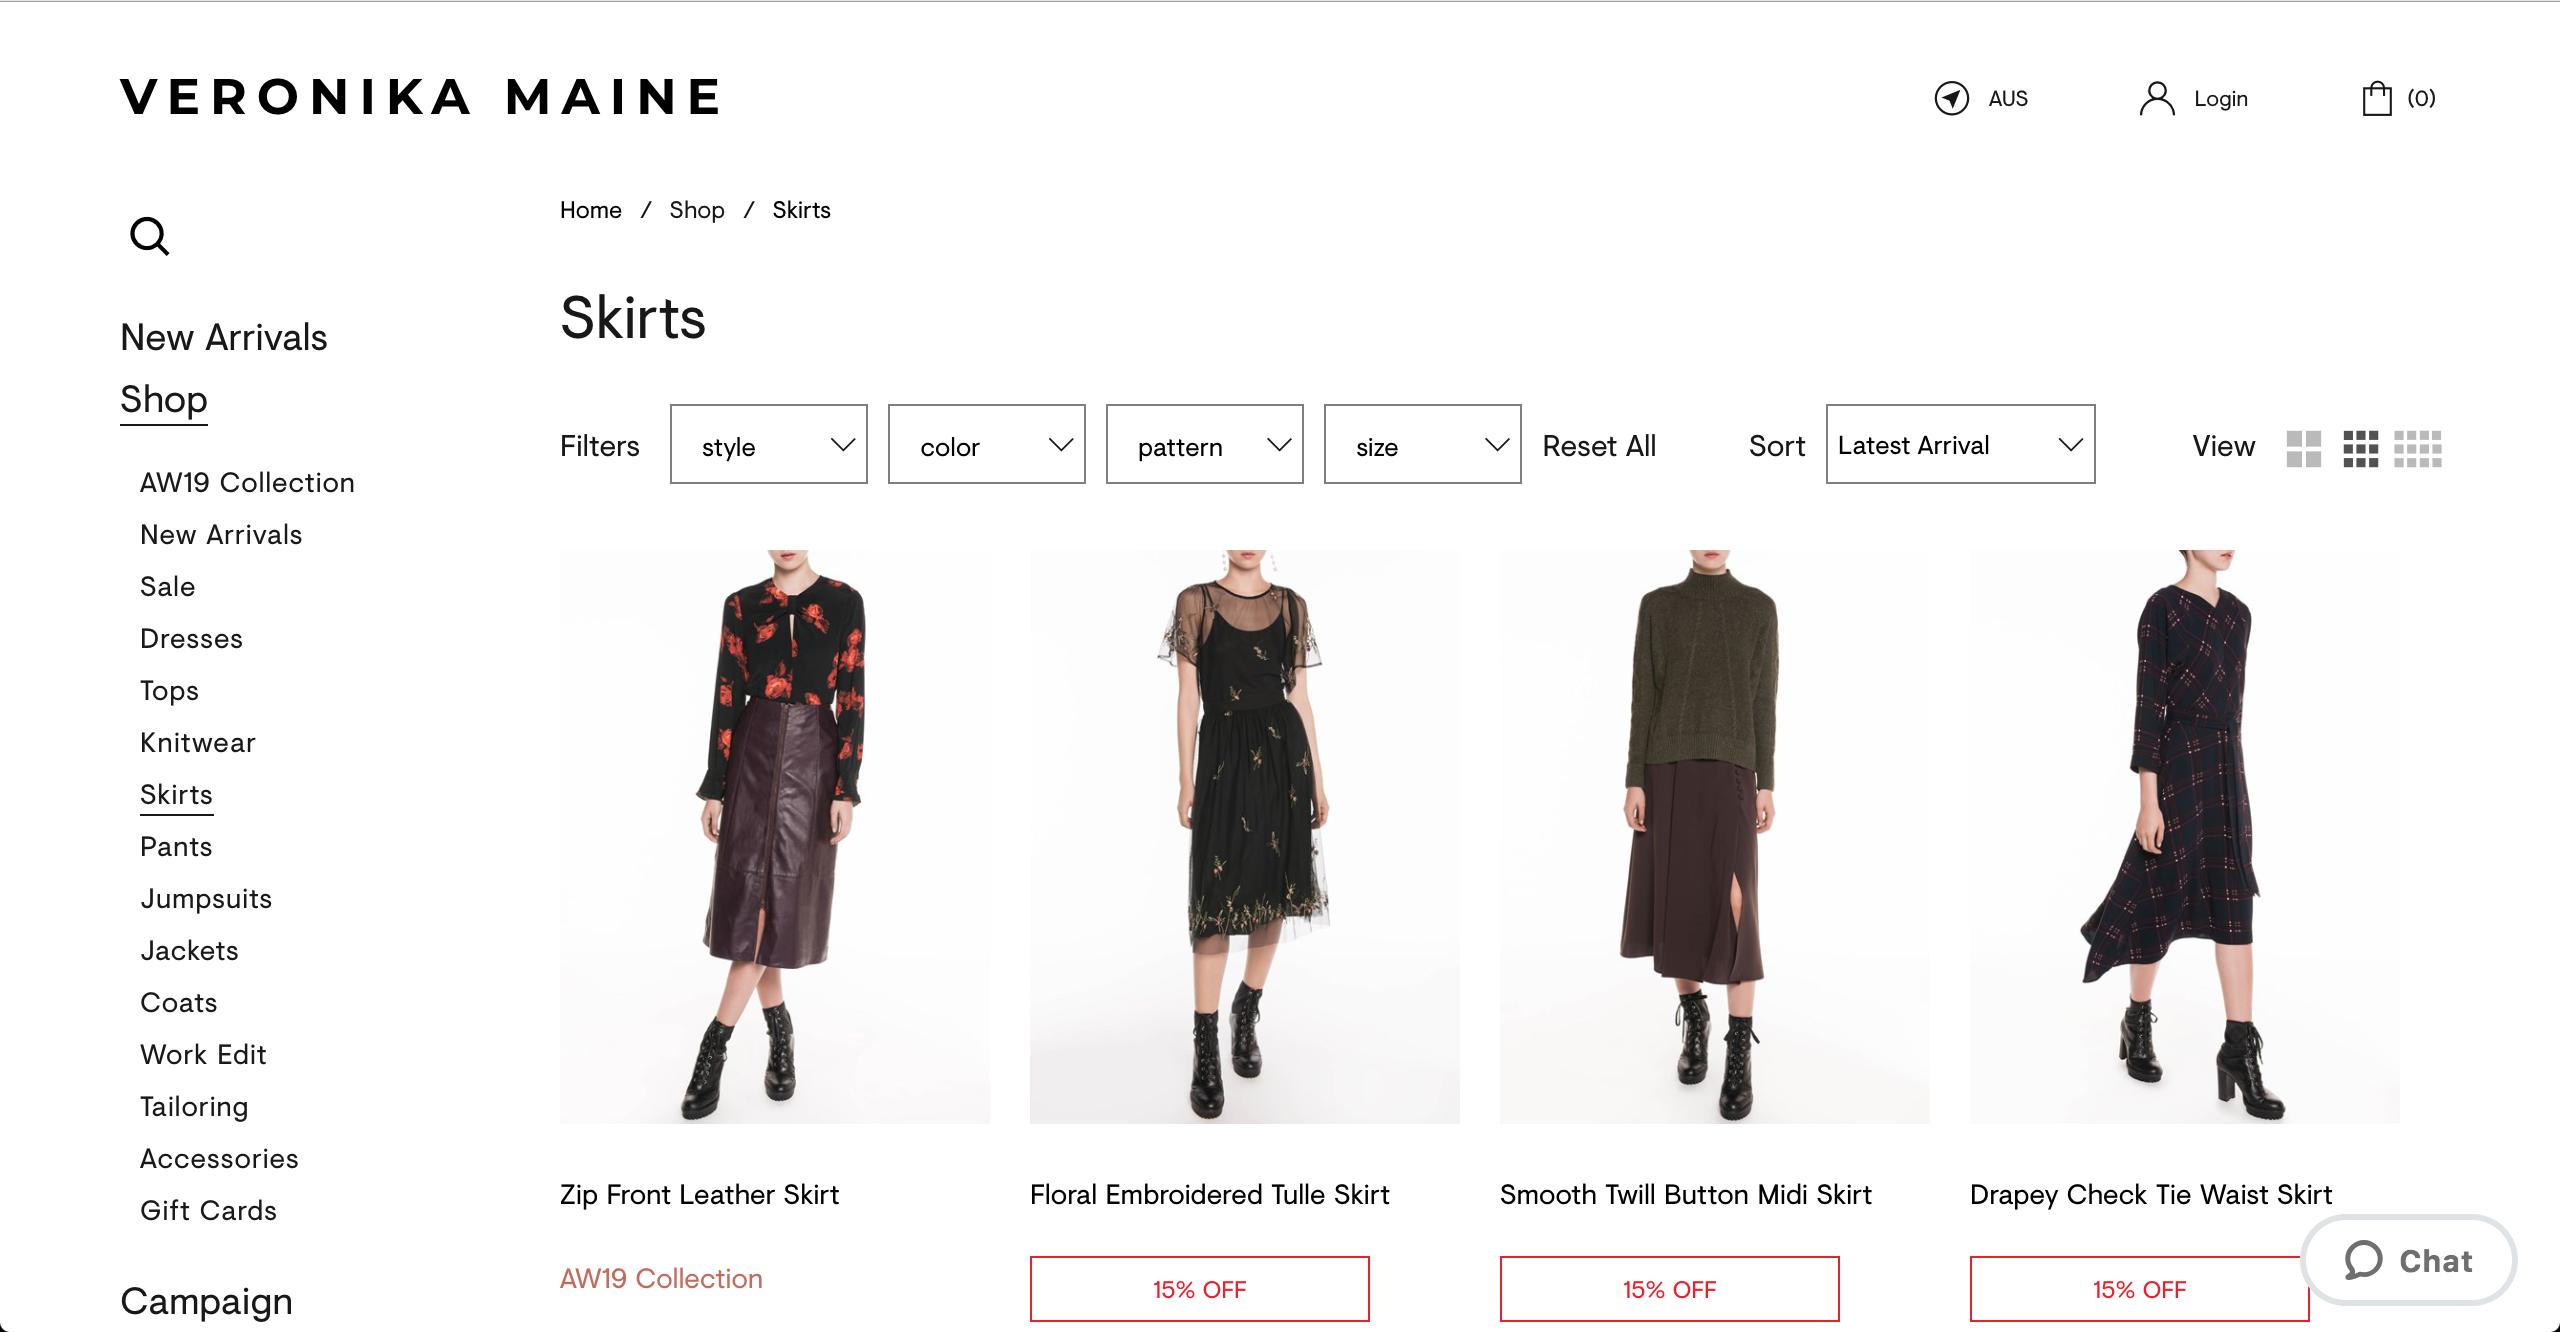 Veronika Maine skirts